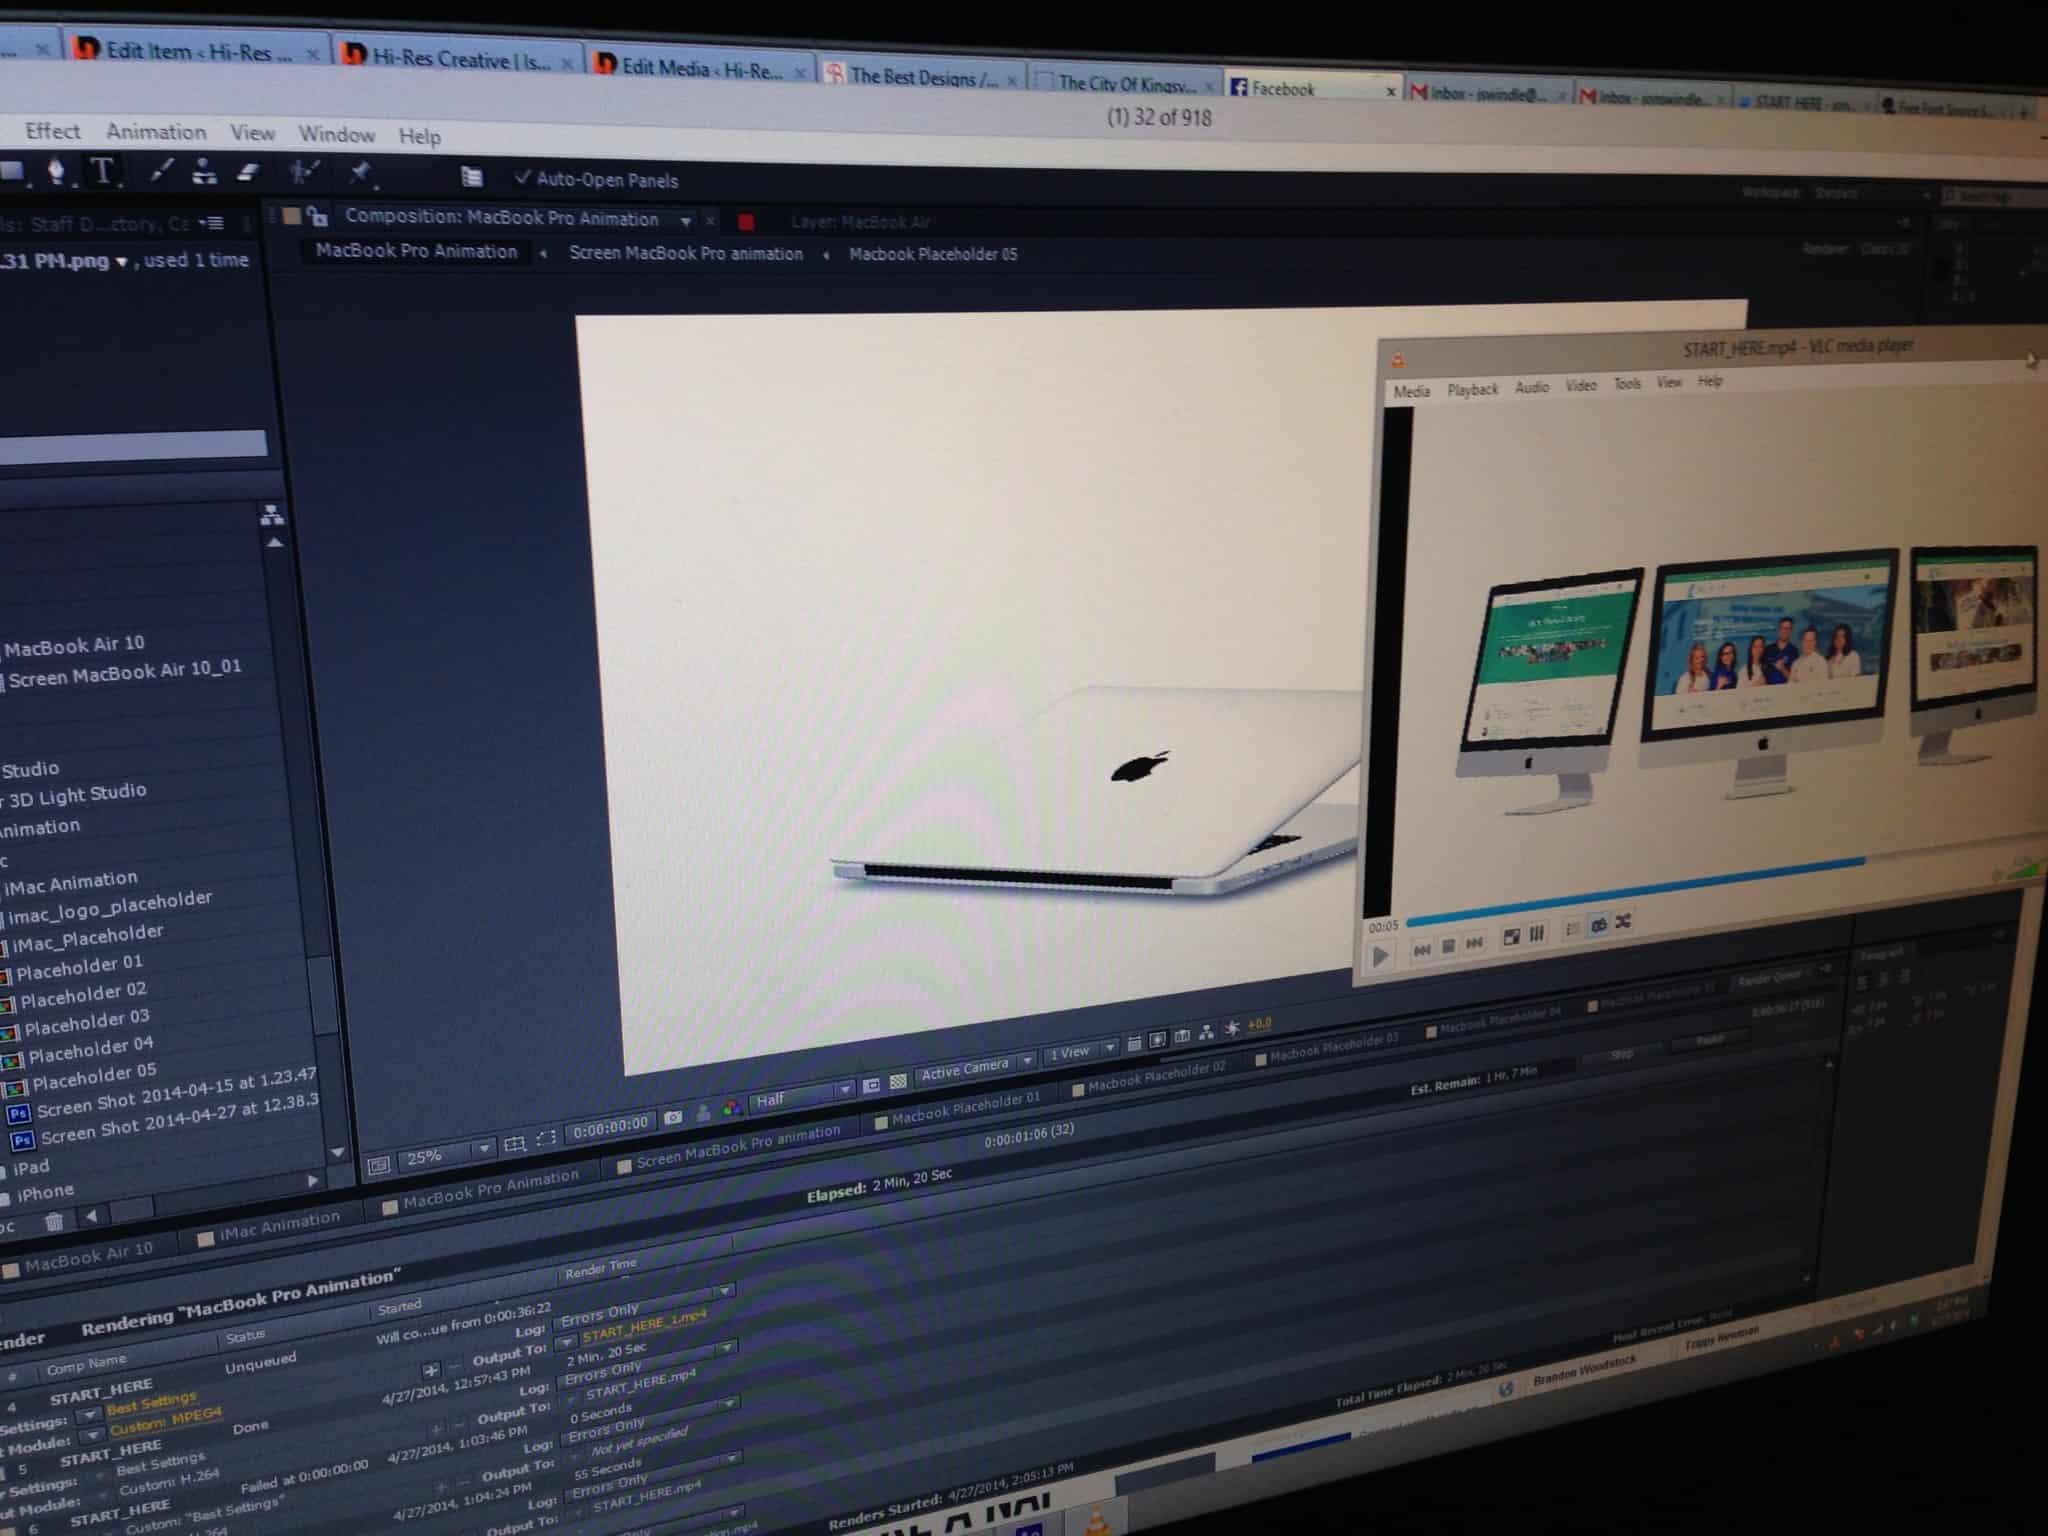 TAMUCC Video Editing